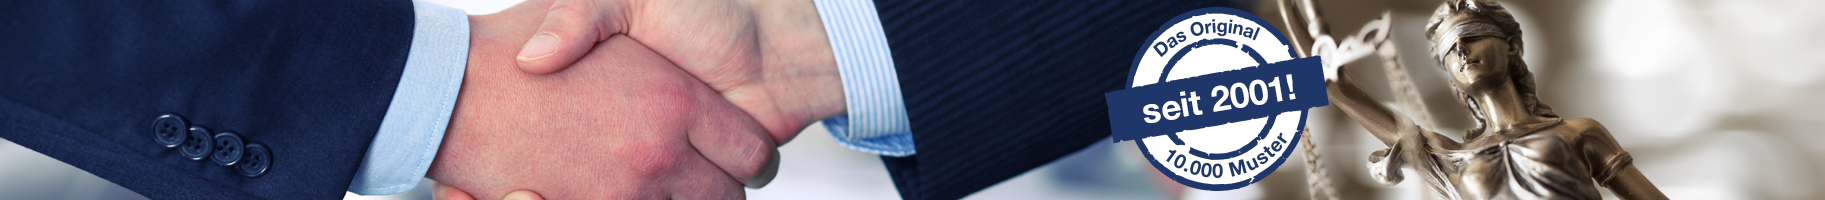 Musterbriefe Notar : Vorlagen verträge musterbriefe und formulare zum download